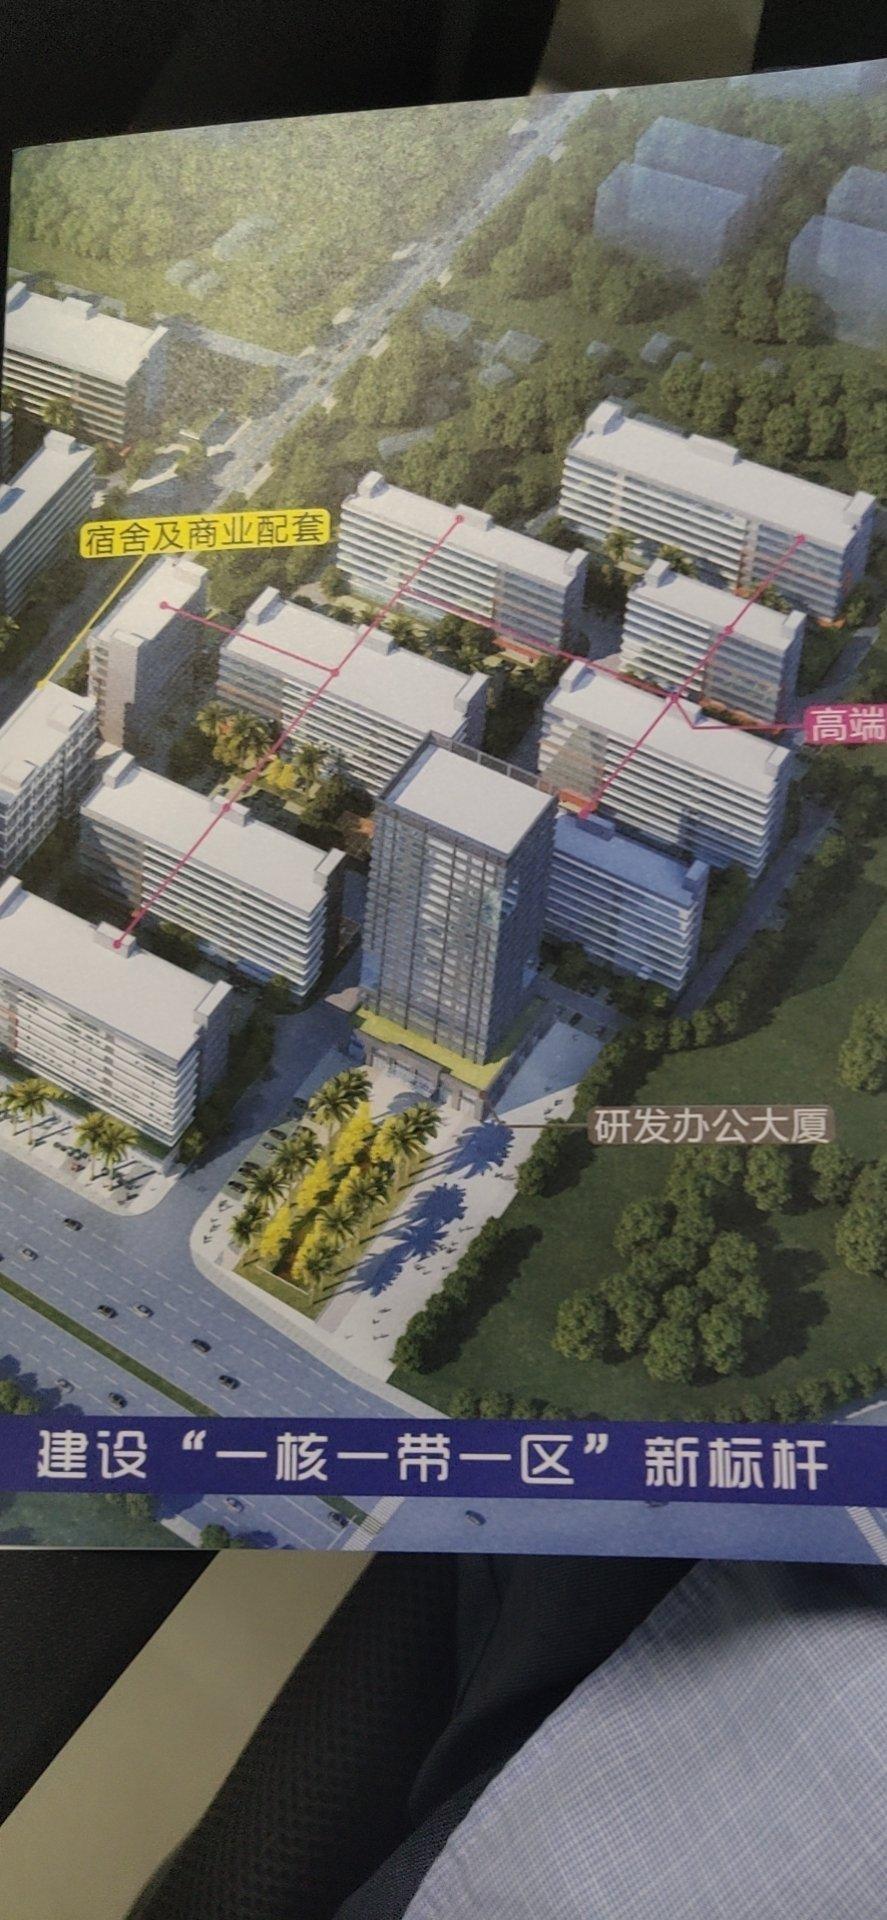 博罗园洲镇全新工业园5000至1万平方分栋销售地铁口附近。